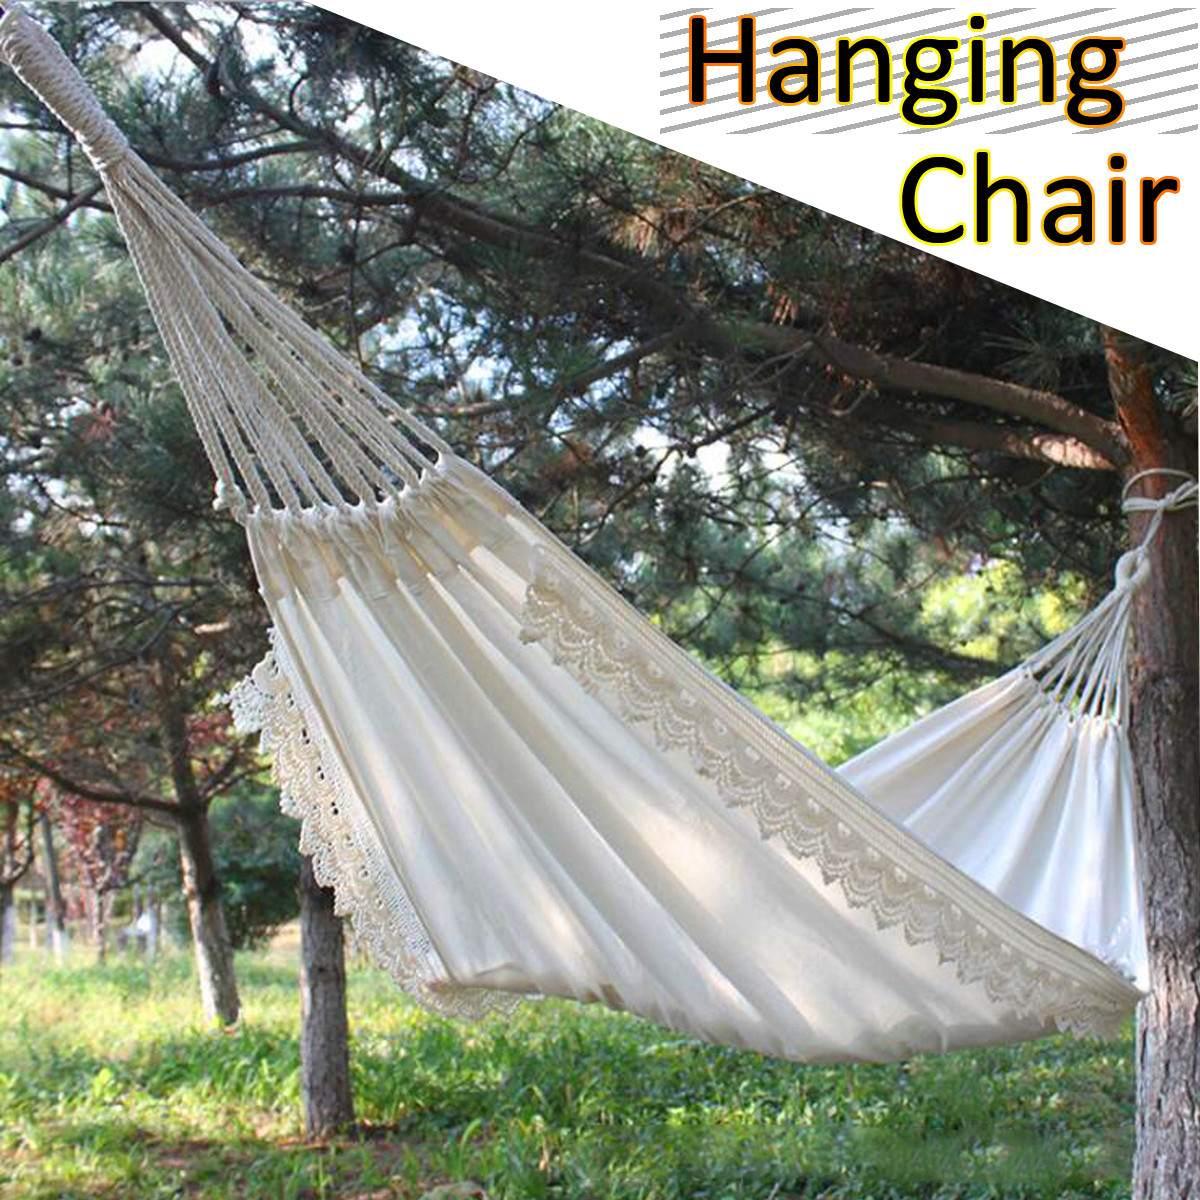 Outdoor Indoor Furniture Hammock Swing Hanging Chair Garden Dormitory Hammock For Children Adult For Travel Hiking Sleeping